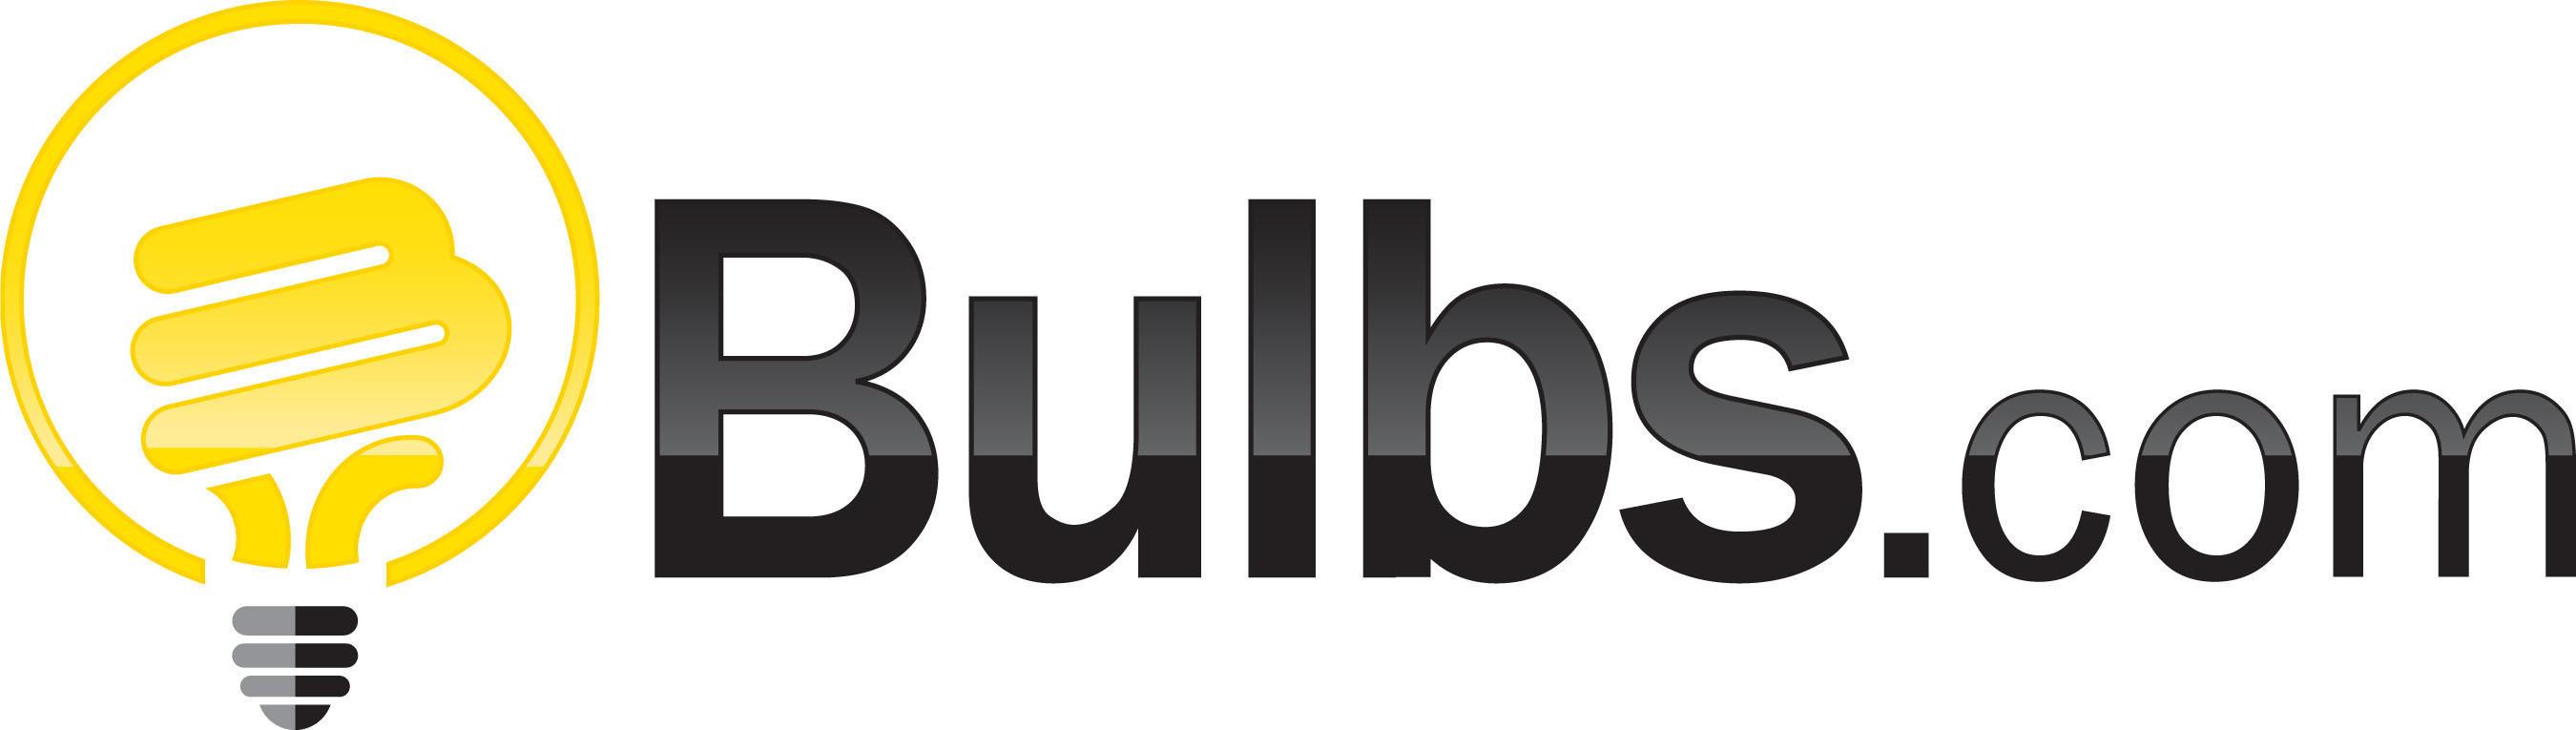 Bulbs.com logo.